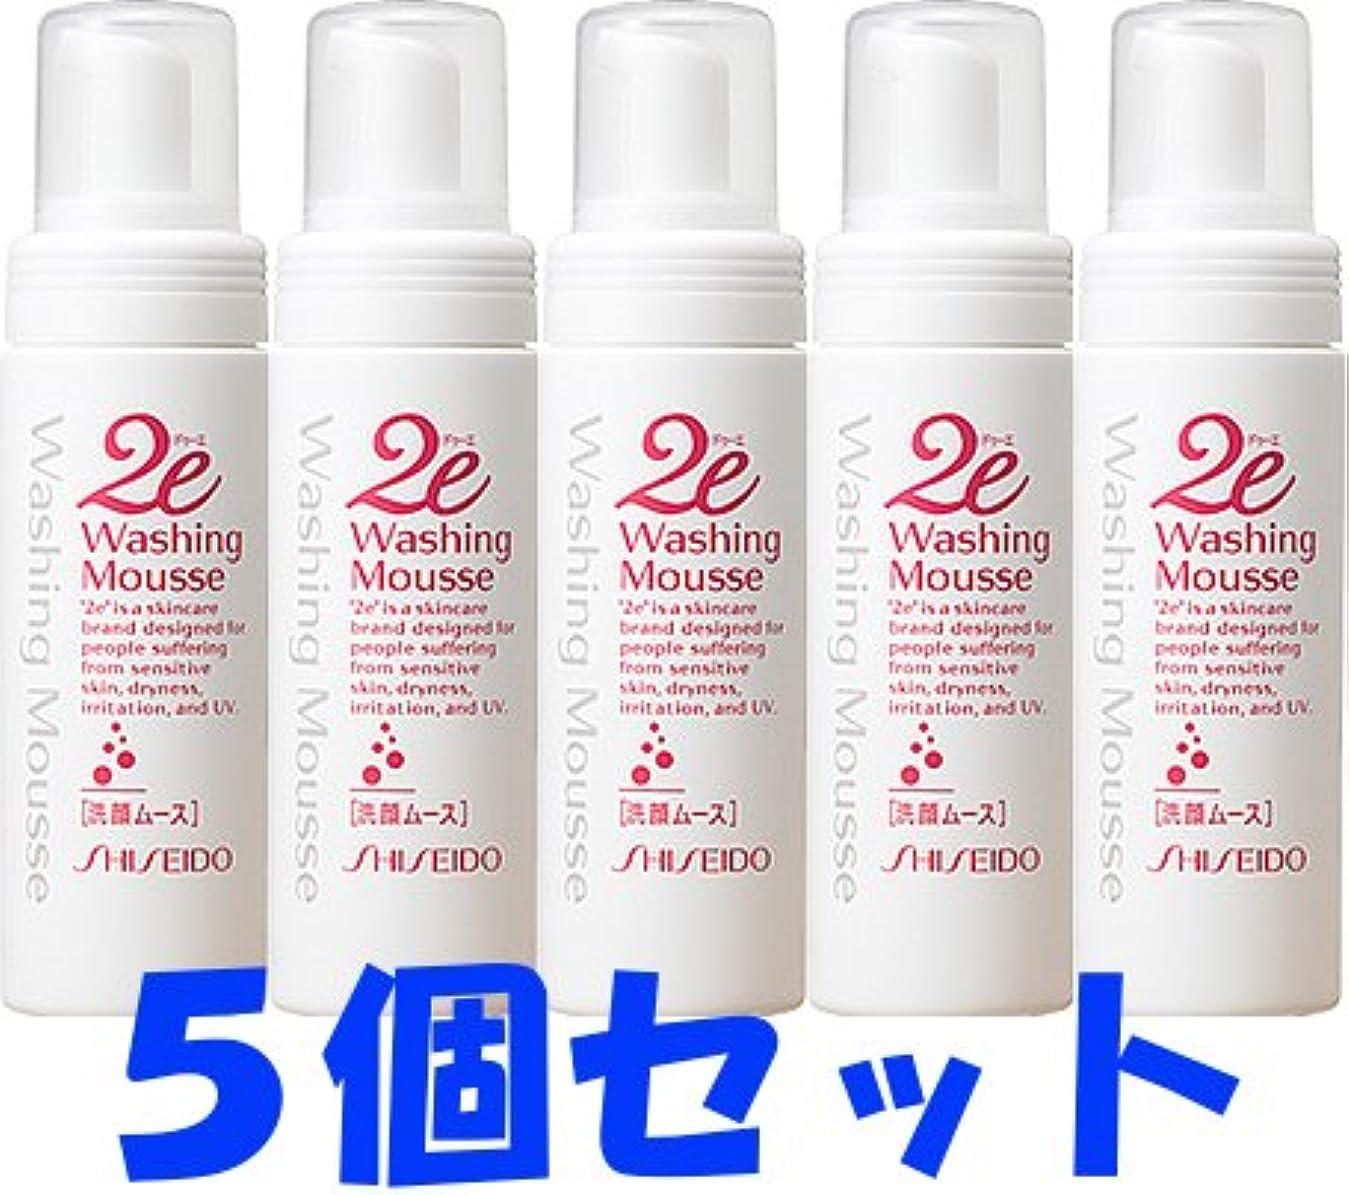 取り消すお茶韓国【5個セット】資生堂 2e ドゥーエ 洗顔ムース 120ml